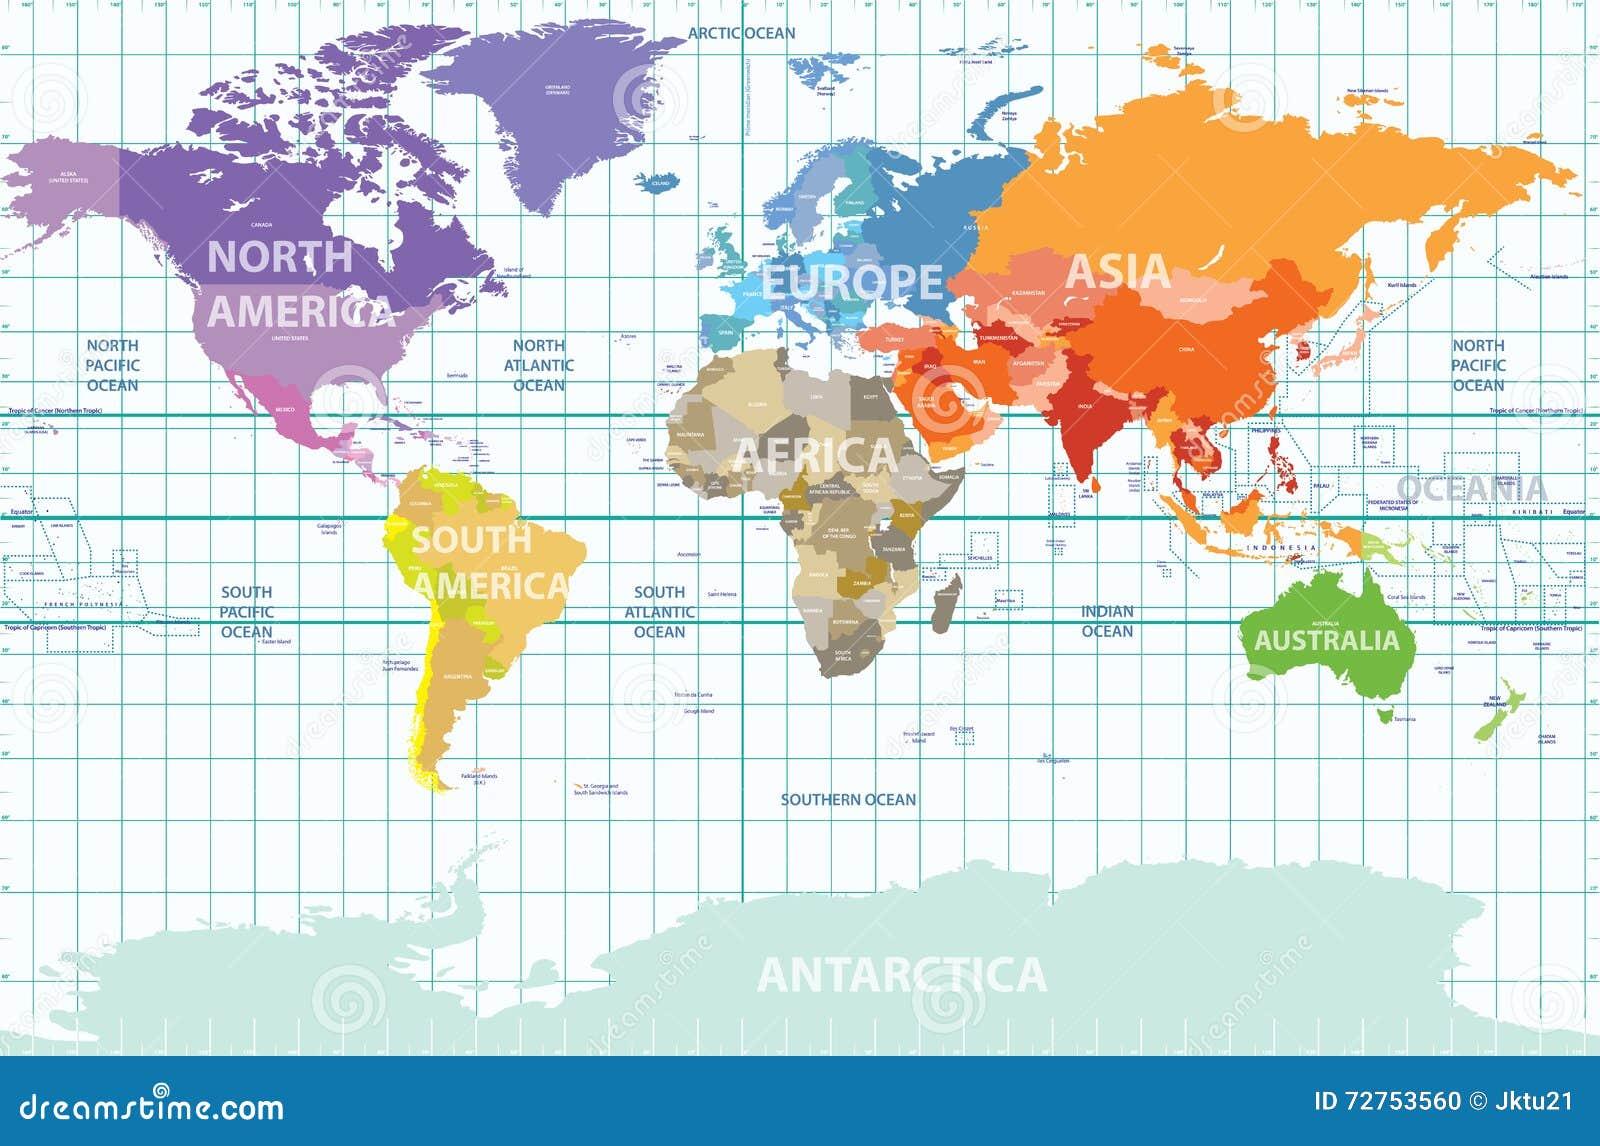 Mapa político del mundo con todos los continentes separados por el color, etiquetado países y océanos, y con las longitudes enume